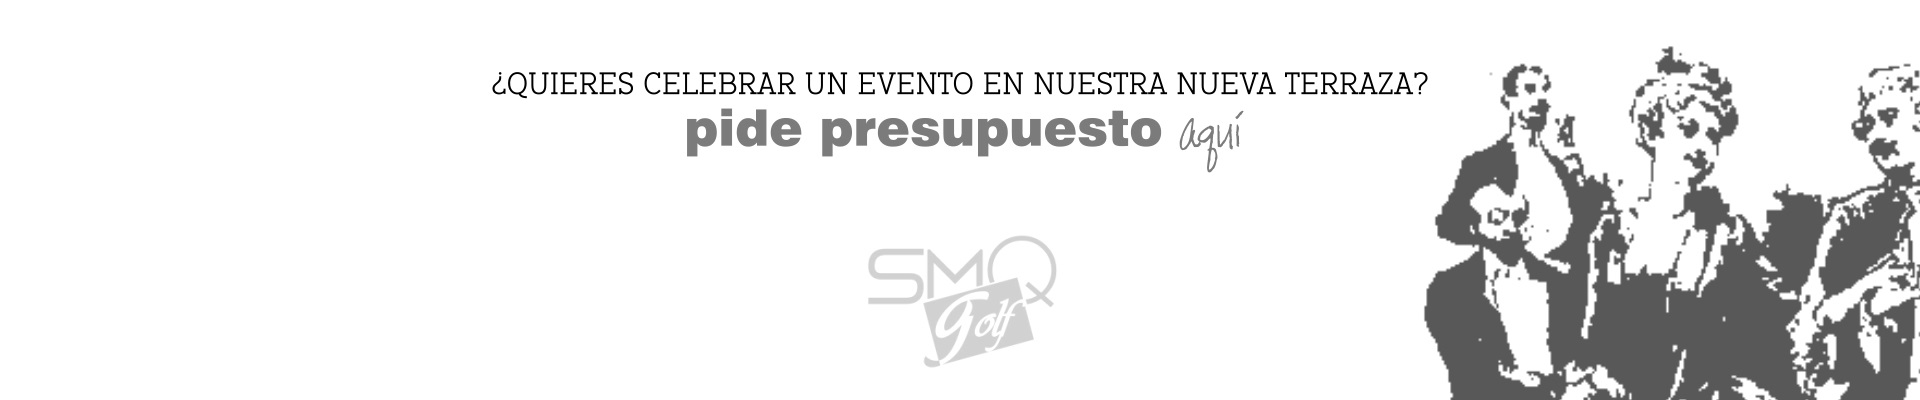 http://saboresmasquegolf.com/wp-content/uploads/2015/07/Presupuesto-Sabores-Mas-que-GOlf.jpg